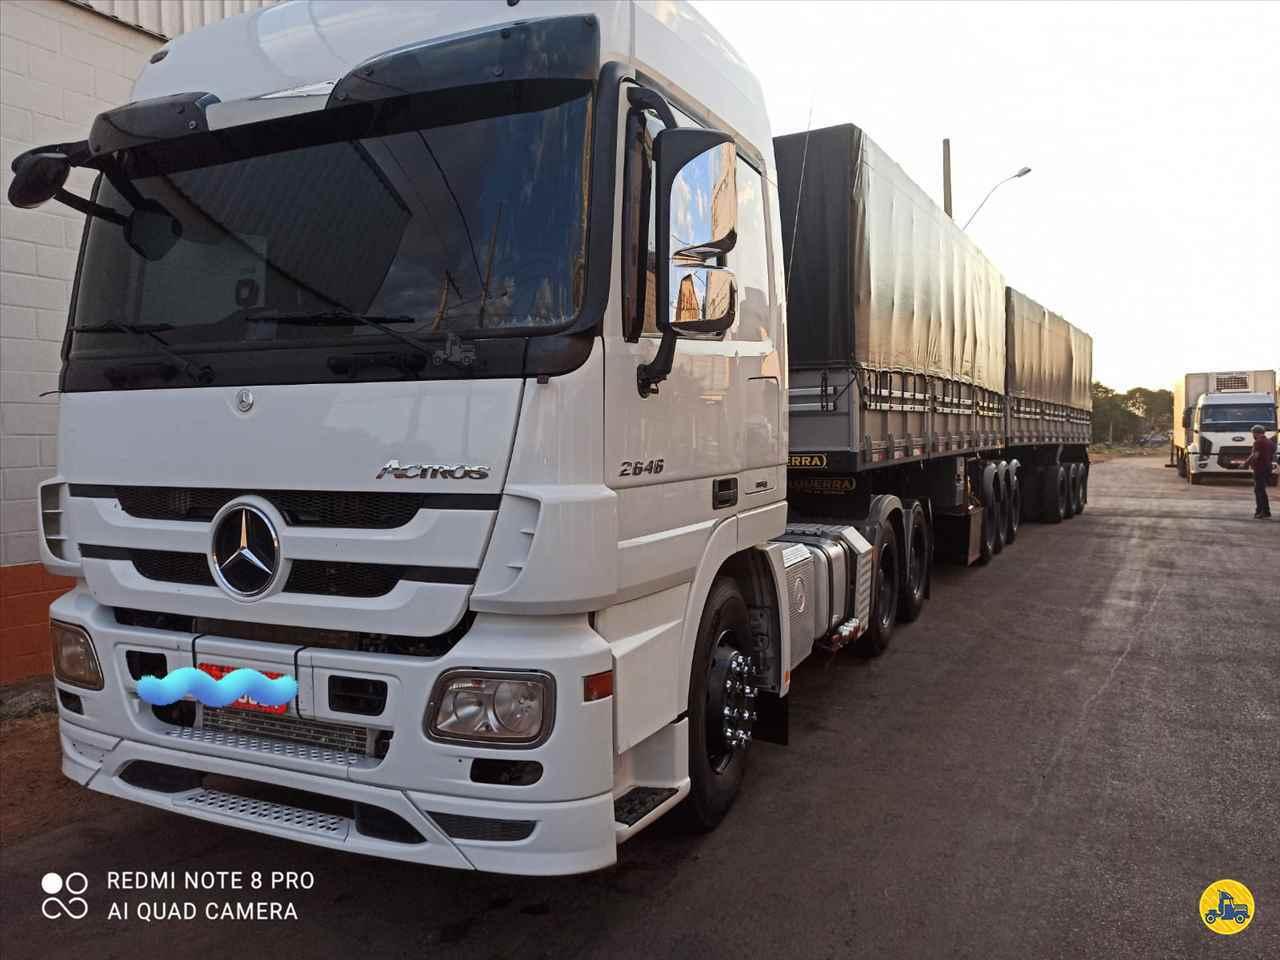 CAMINHAO MERCEDES-BENZ MB 2646 Cavalo Mecânico Traçado 6x4 Caminhões Certos CONTAGEM MINAS GERAIS MG